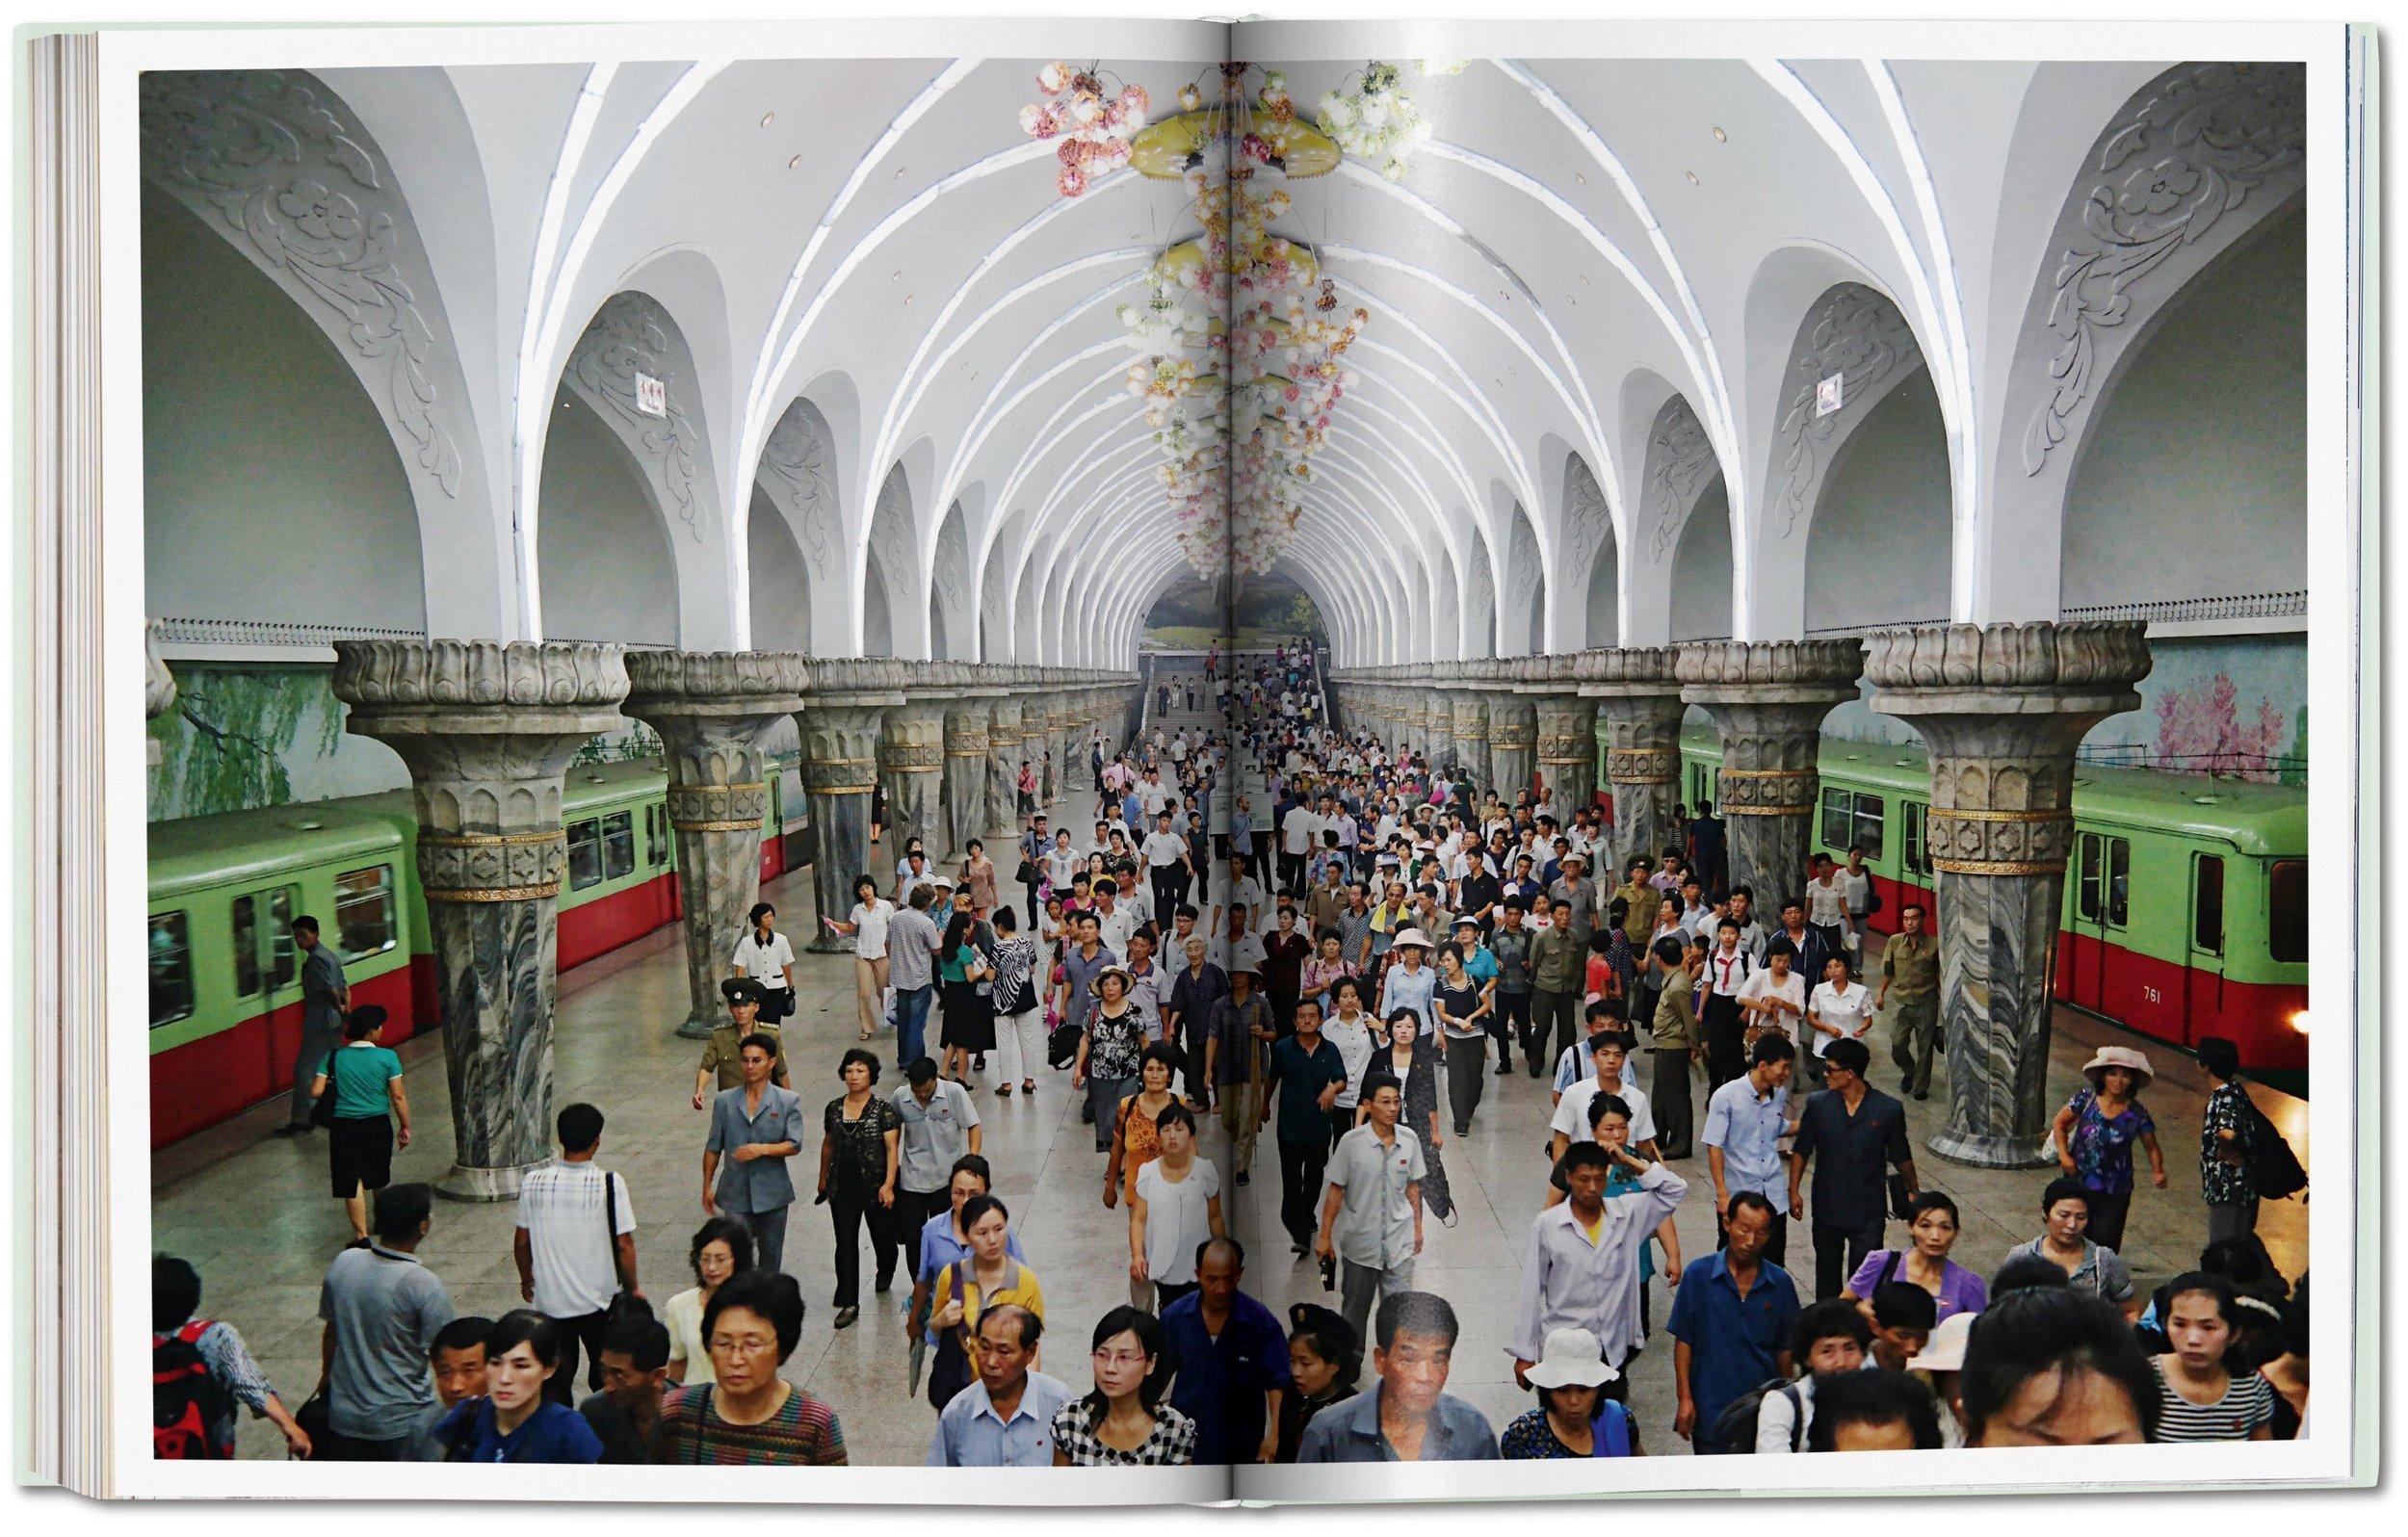 inside_north_korea_fo_int_open_0220_0221_05337_1805171459_id_1194434-min.jpg